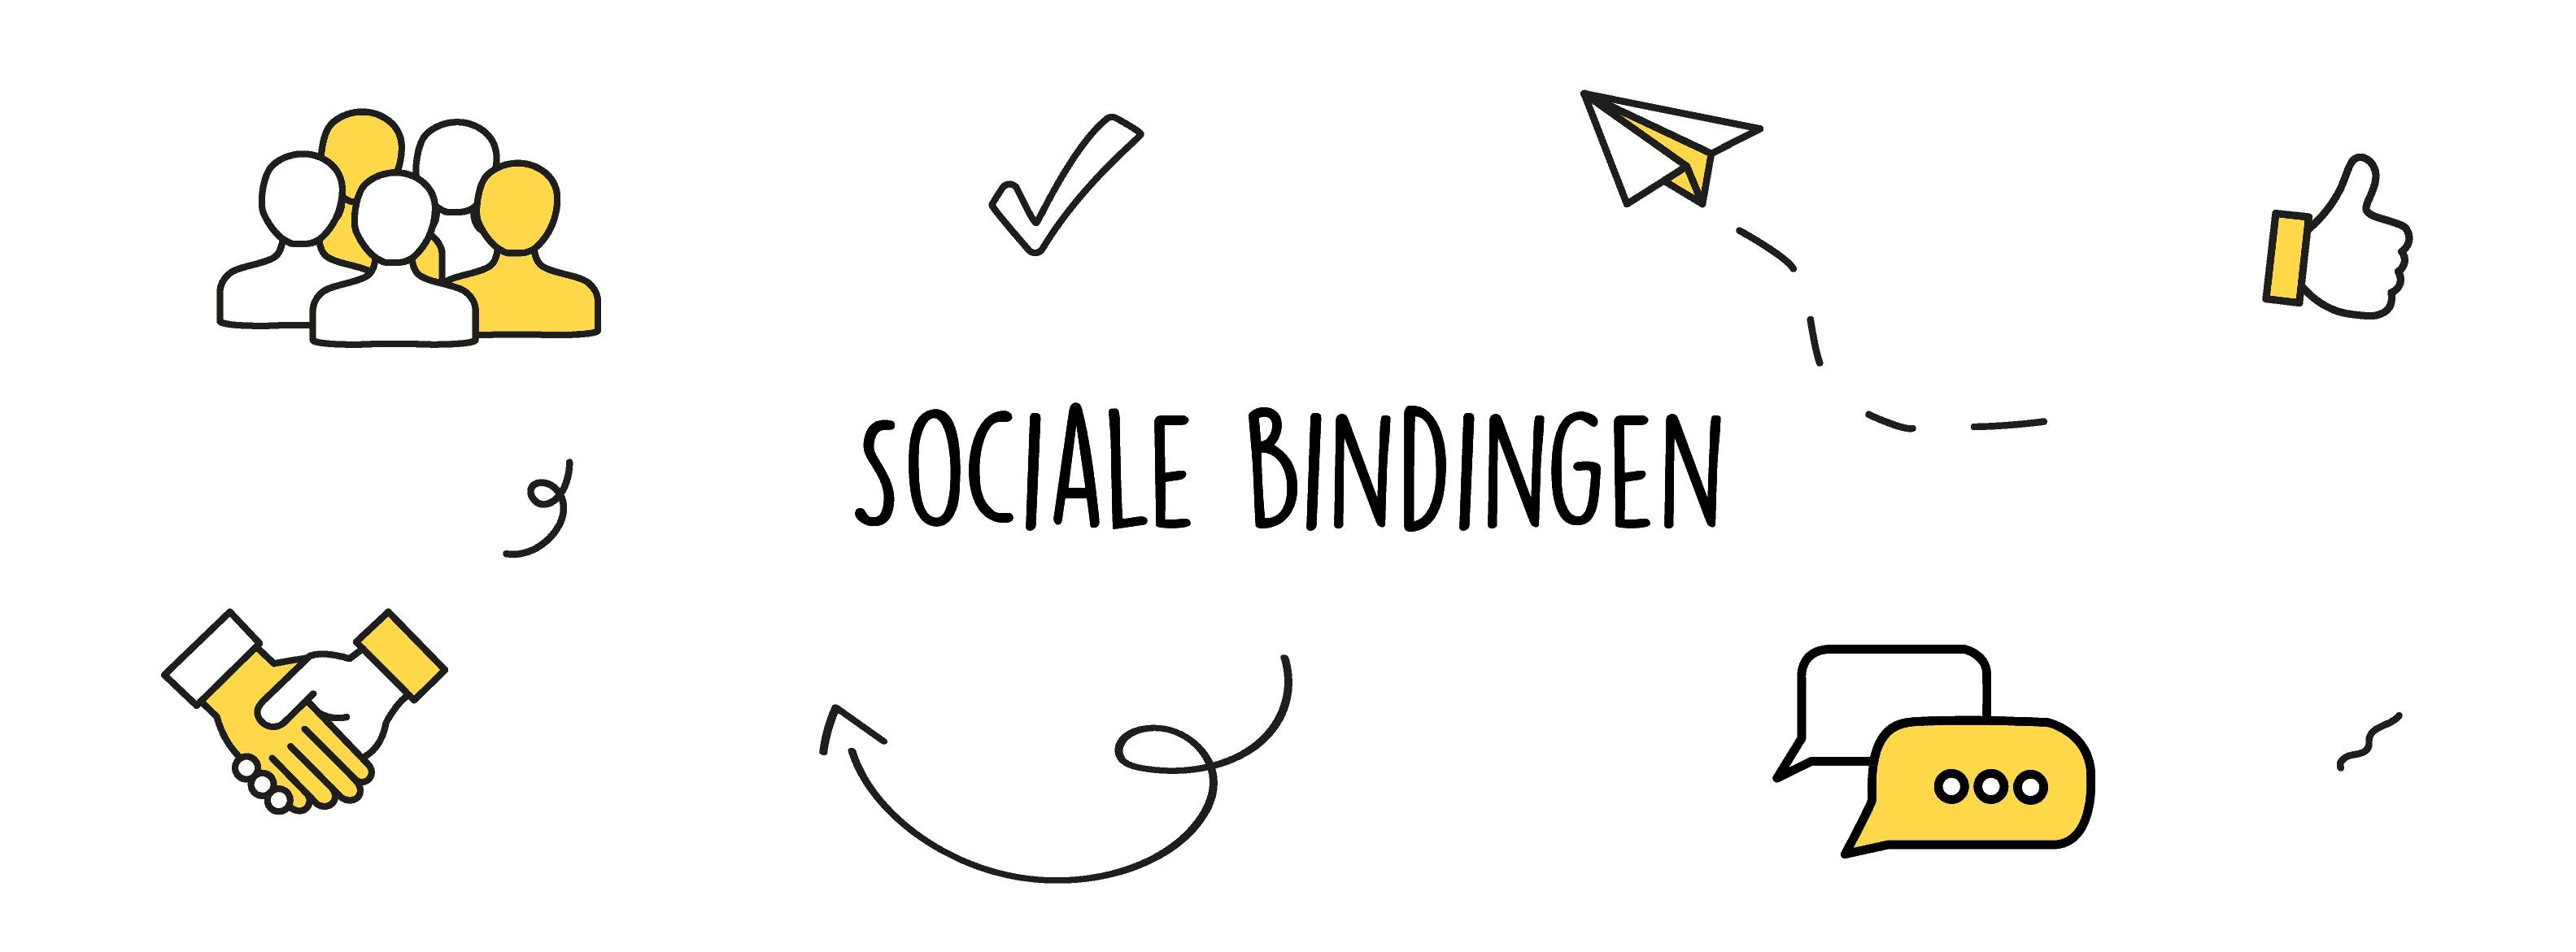 Sociale Bindingen